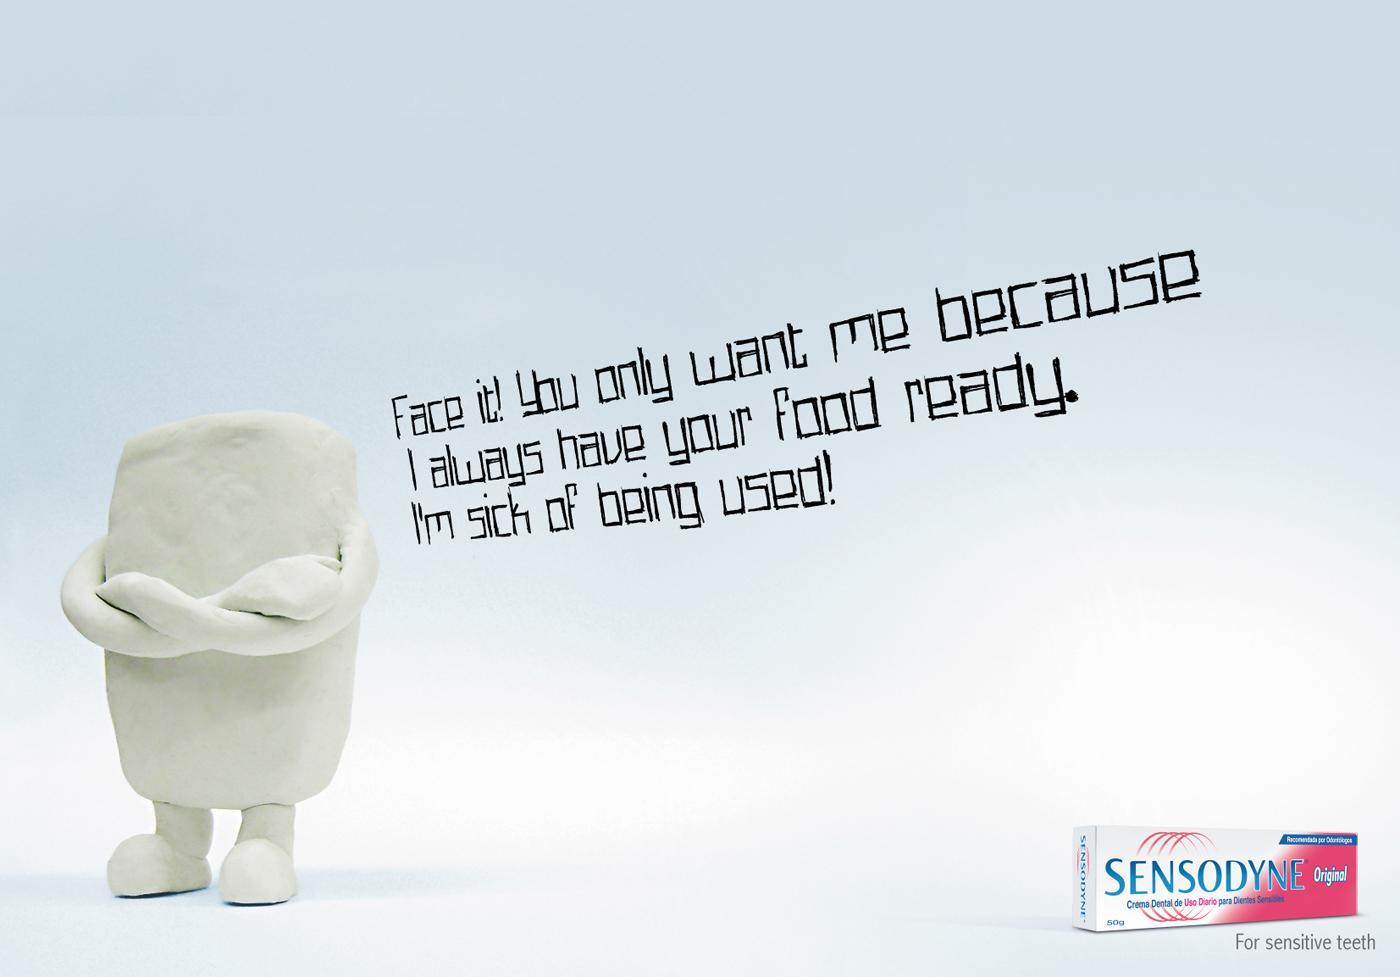 Sensodyne Print Ad -  Teeth, 1